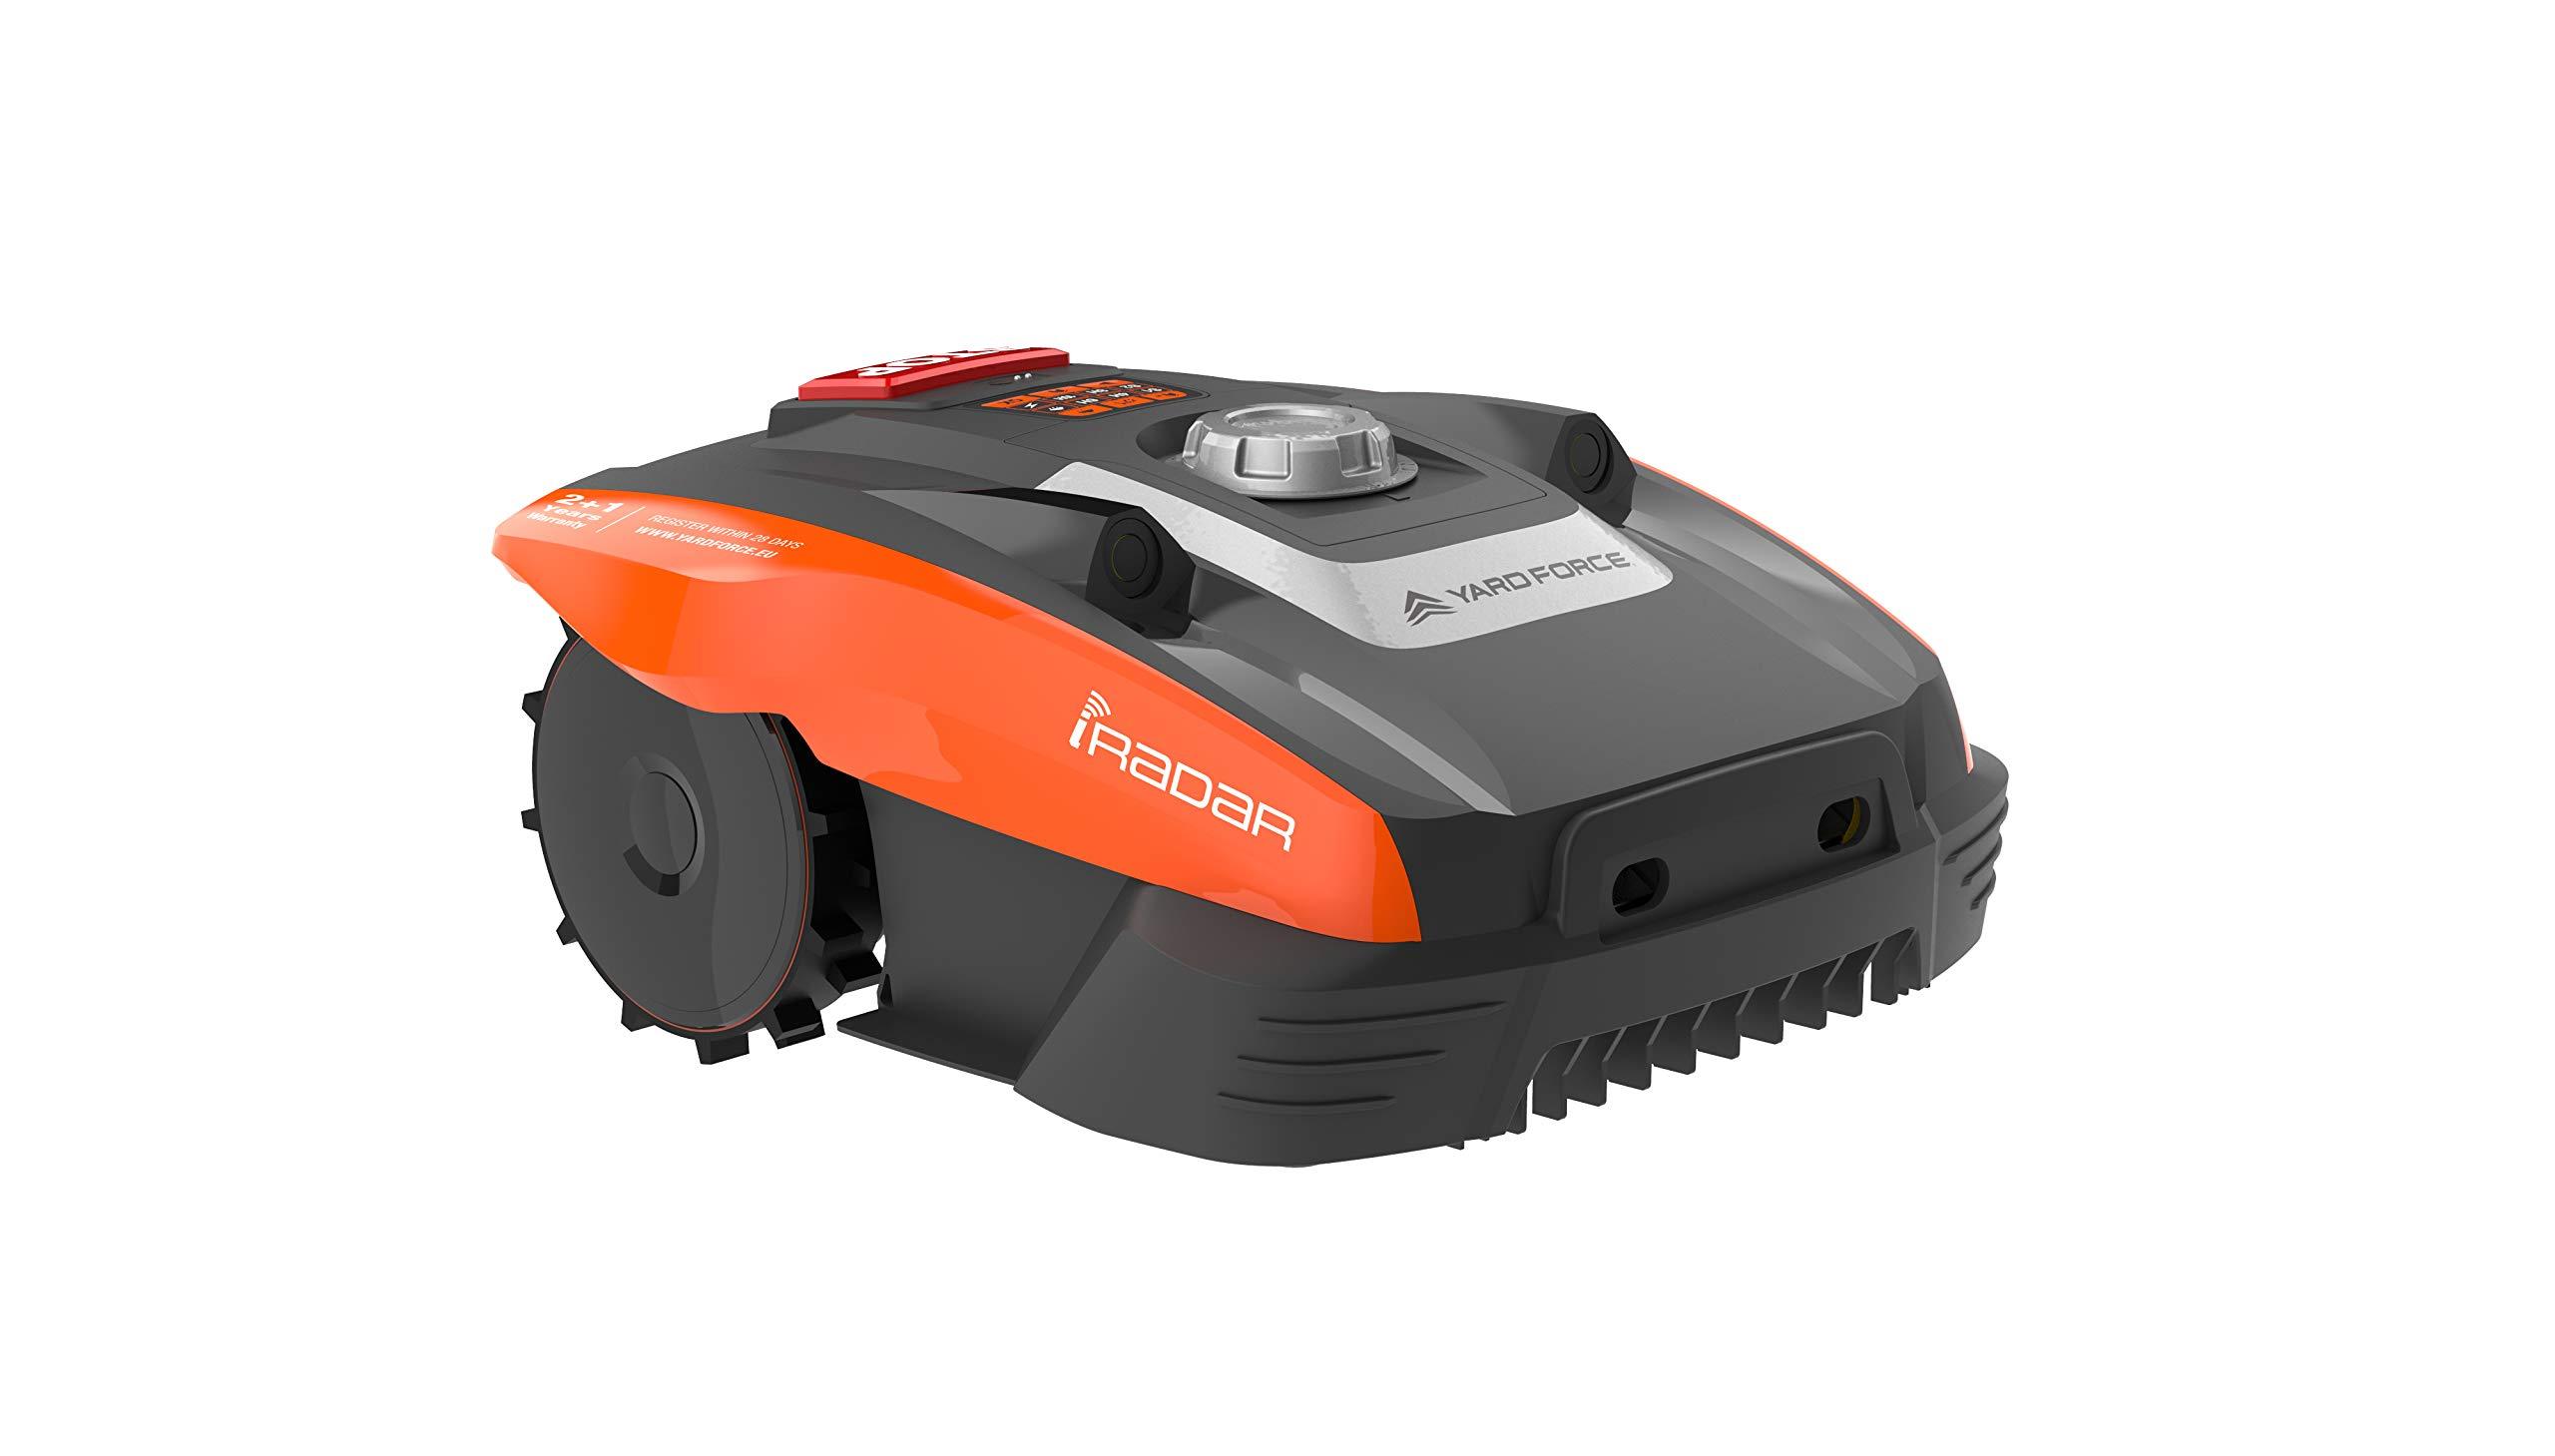 Yard Force Mähroboter Compact 280R, mit iRadar Ultraschallsensor, Rasenkanten-Funktion, Regensensor